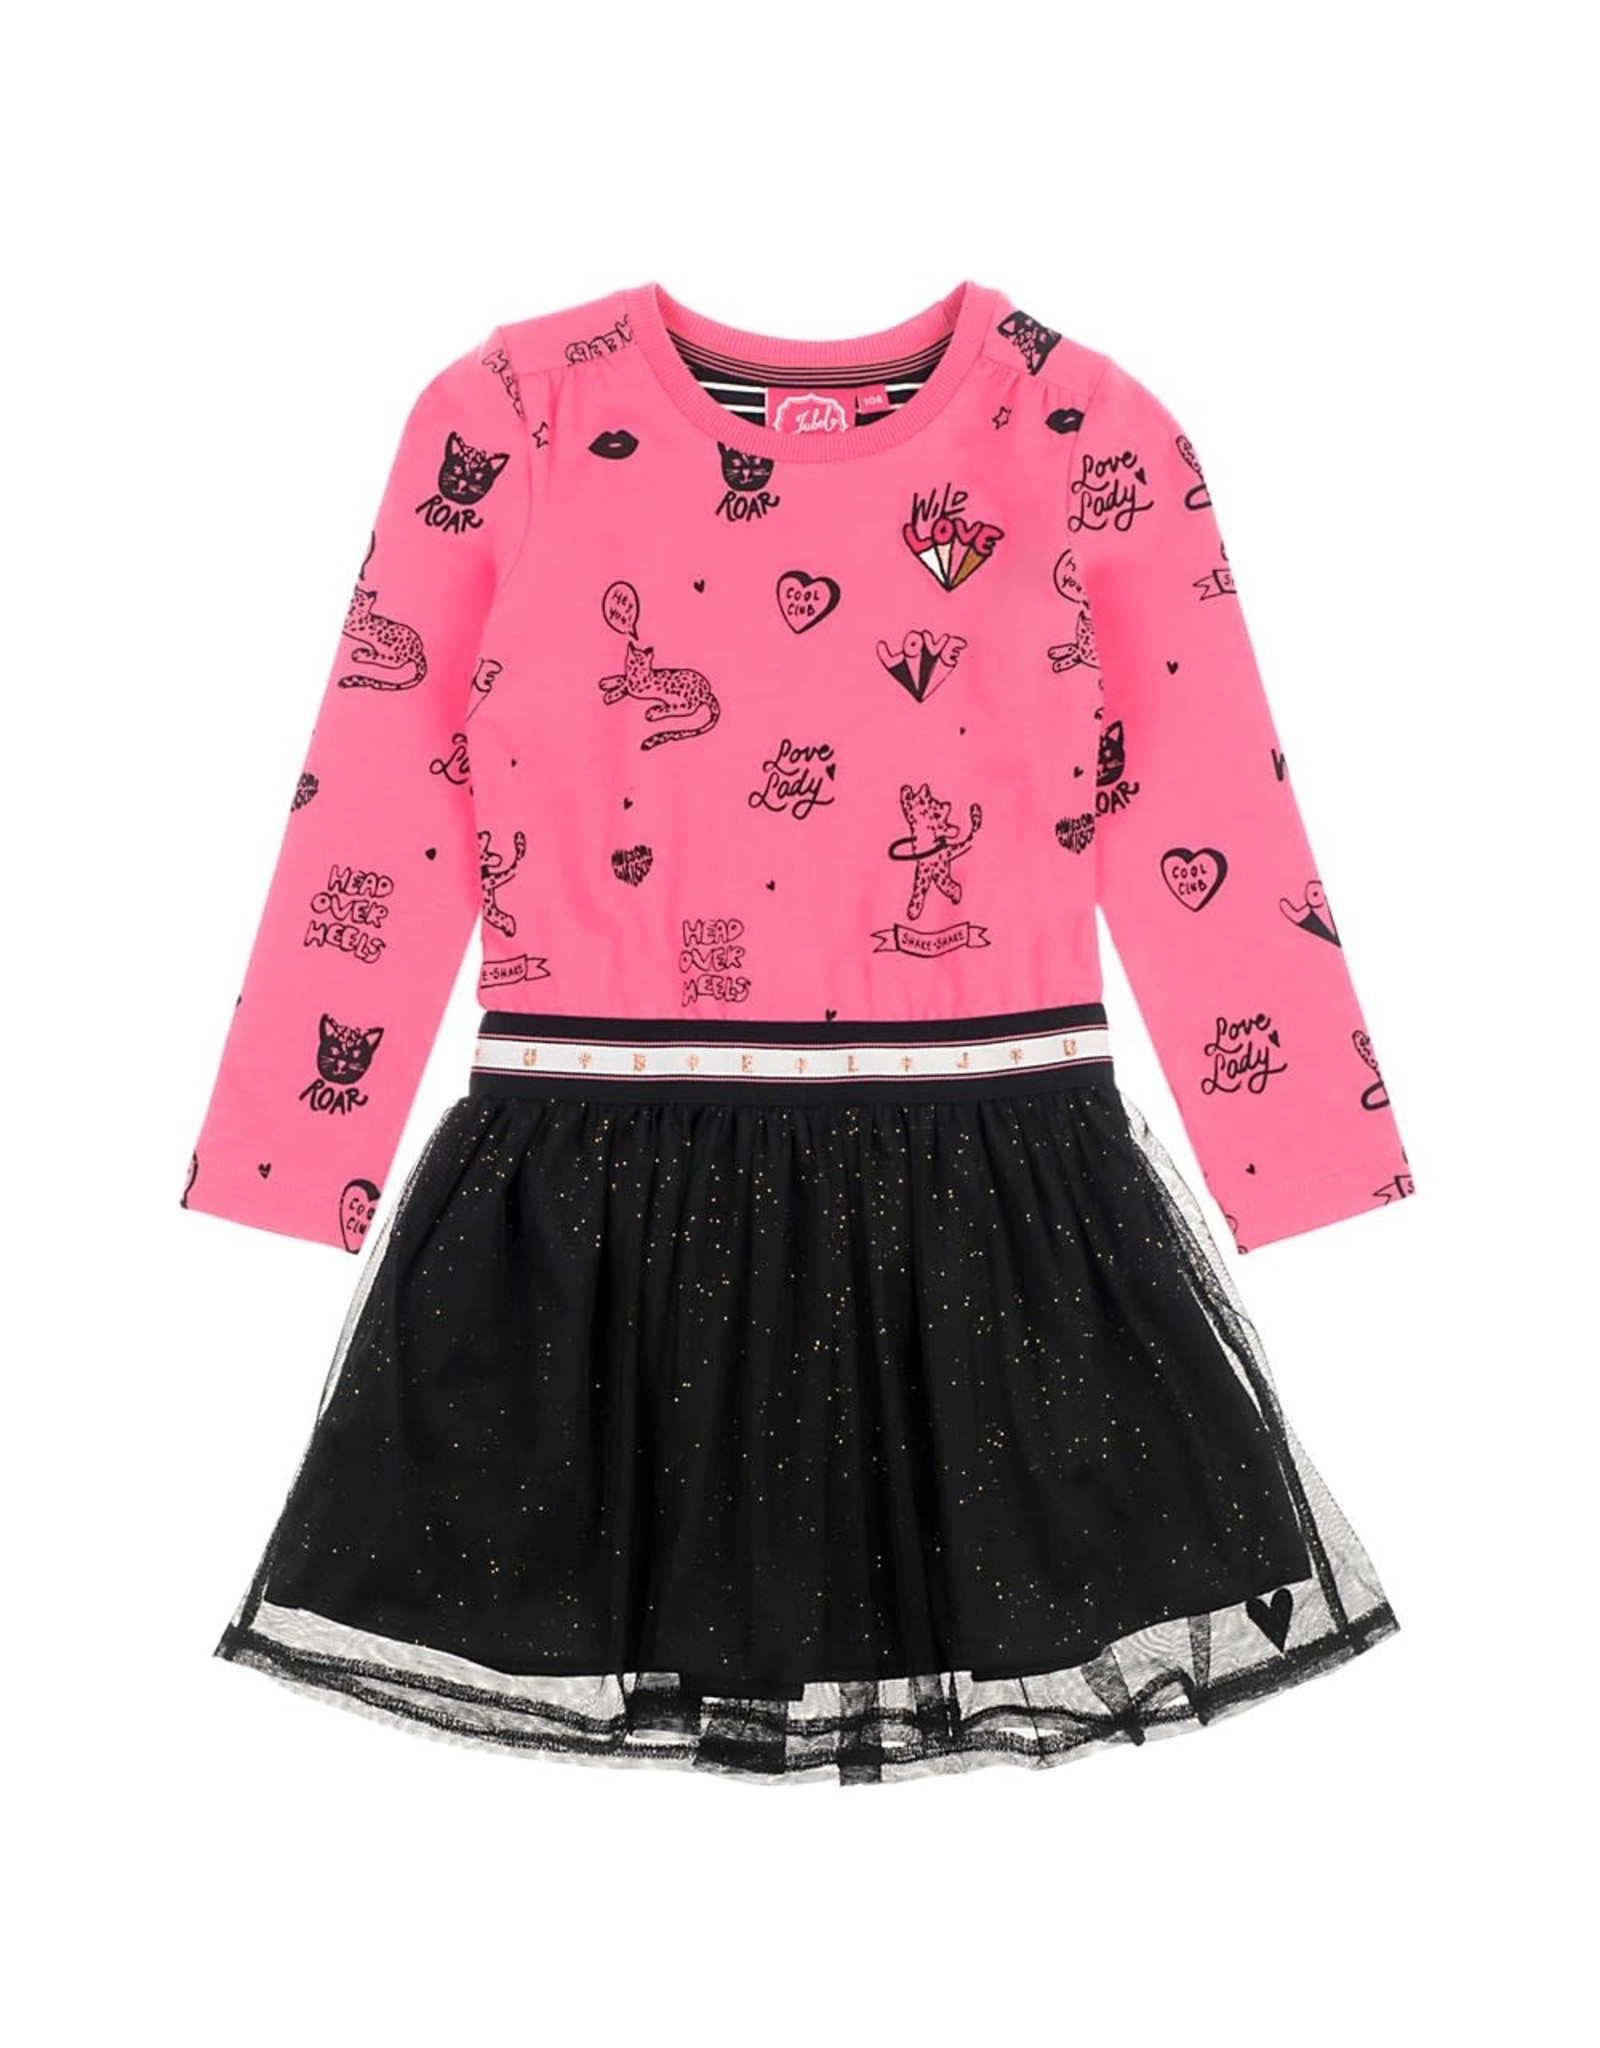 Jubel Jubel meisjes jurk met tule rokje Roze